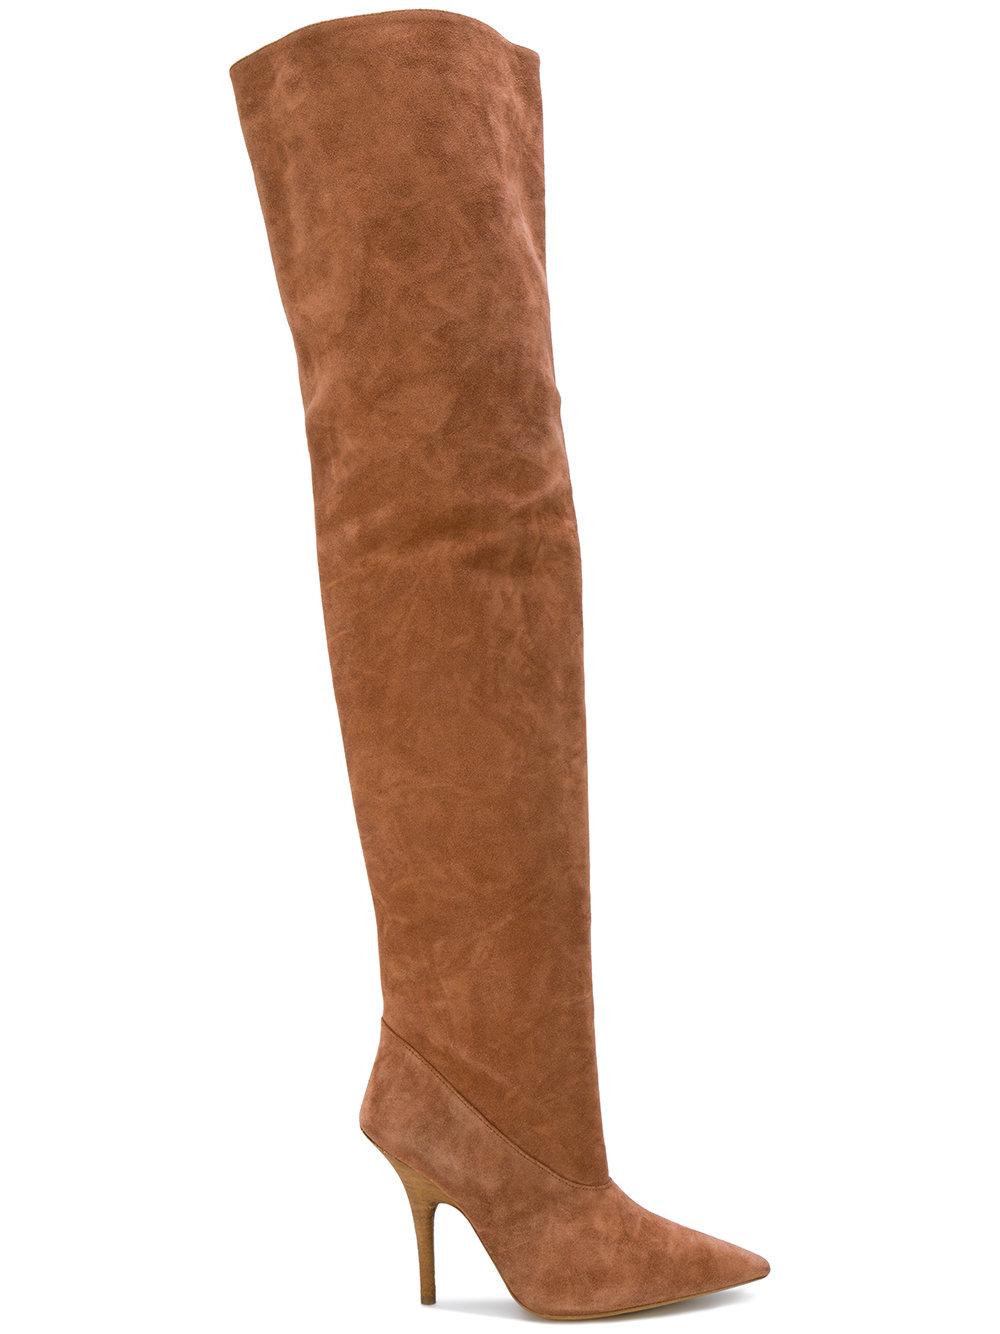 ac2df9c4 Yeezy Tubular Thigh High Boots - Farfetch